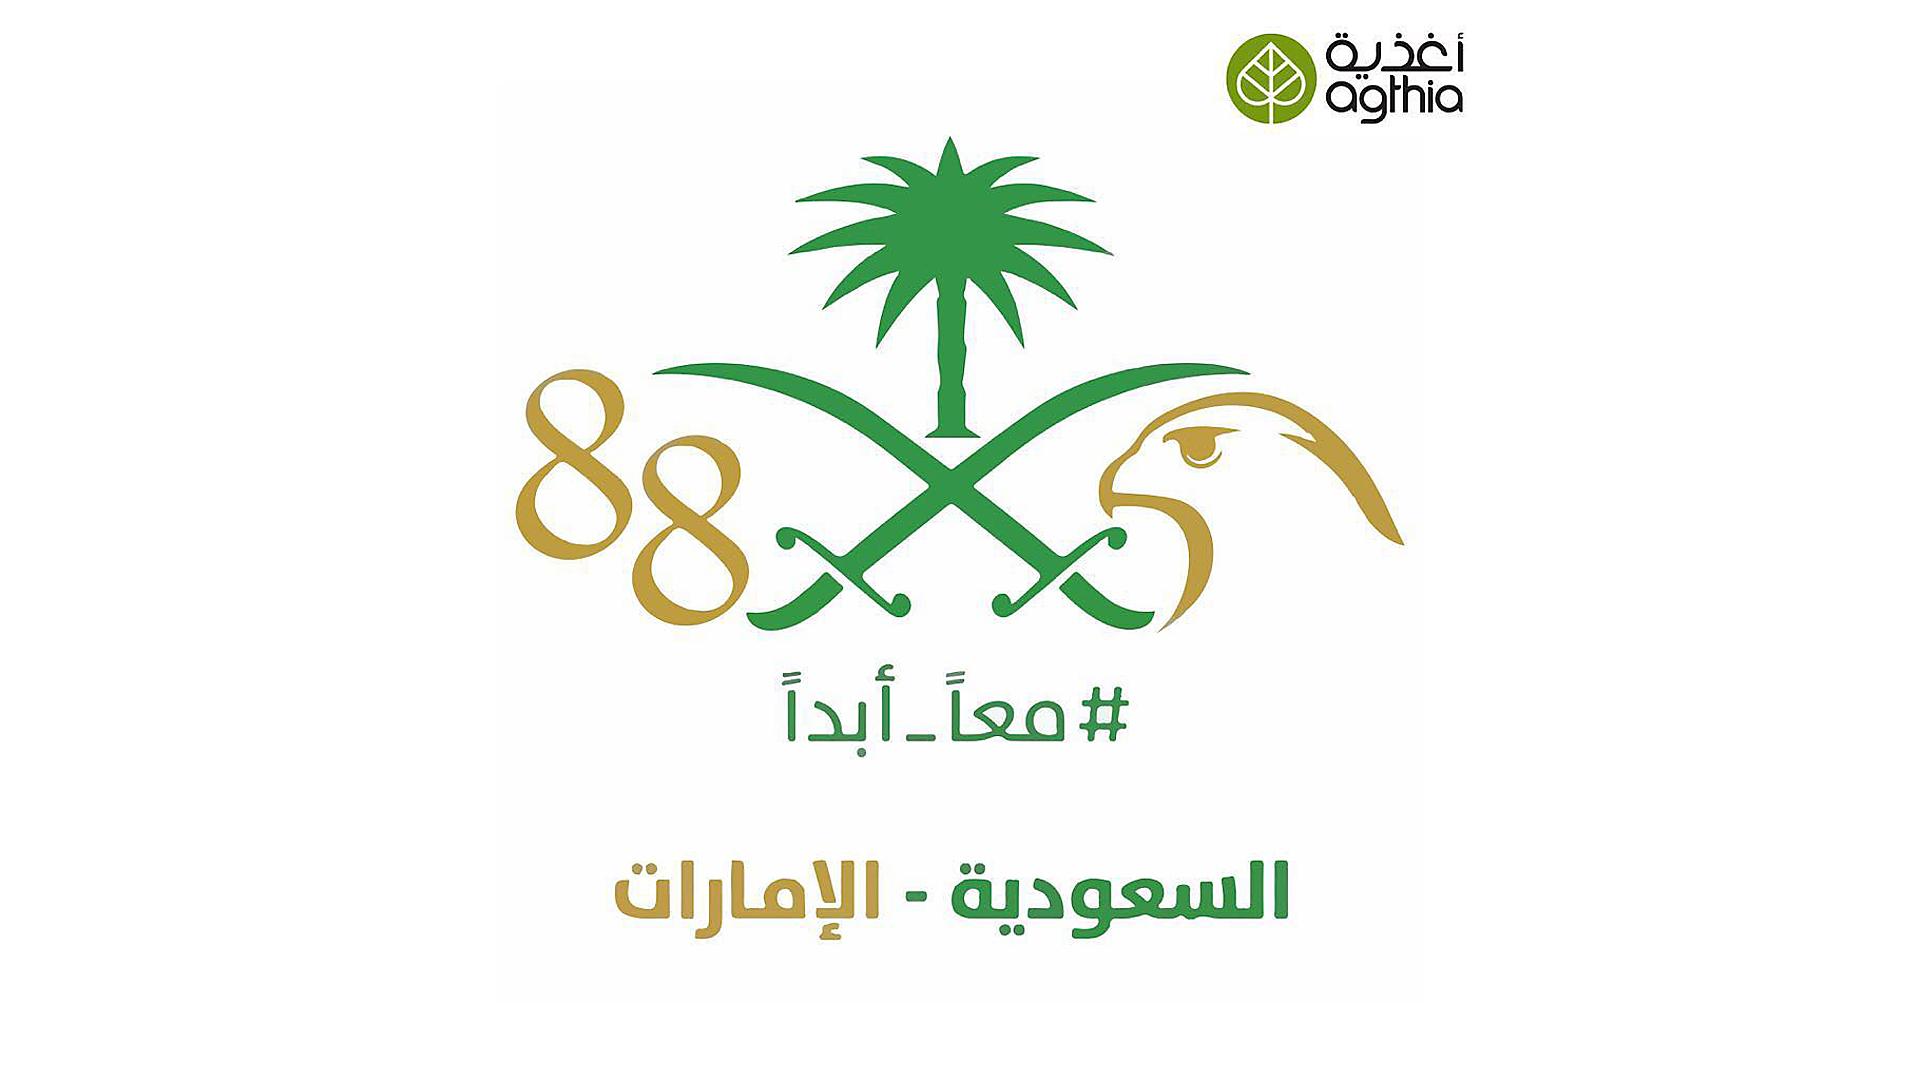 KSA National day celebration